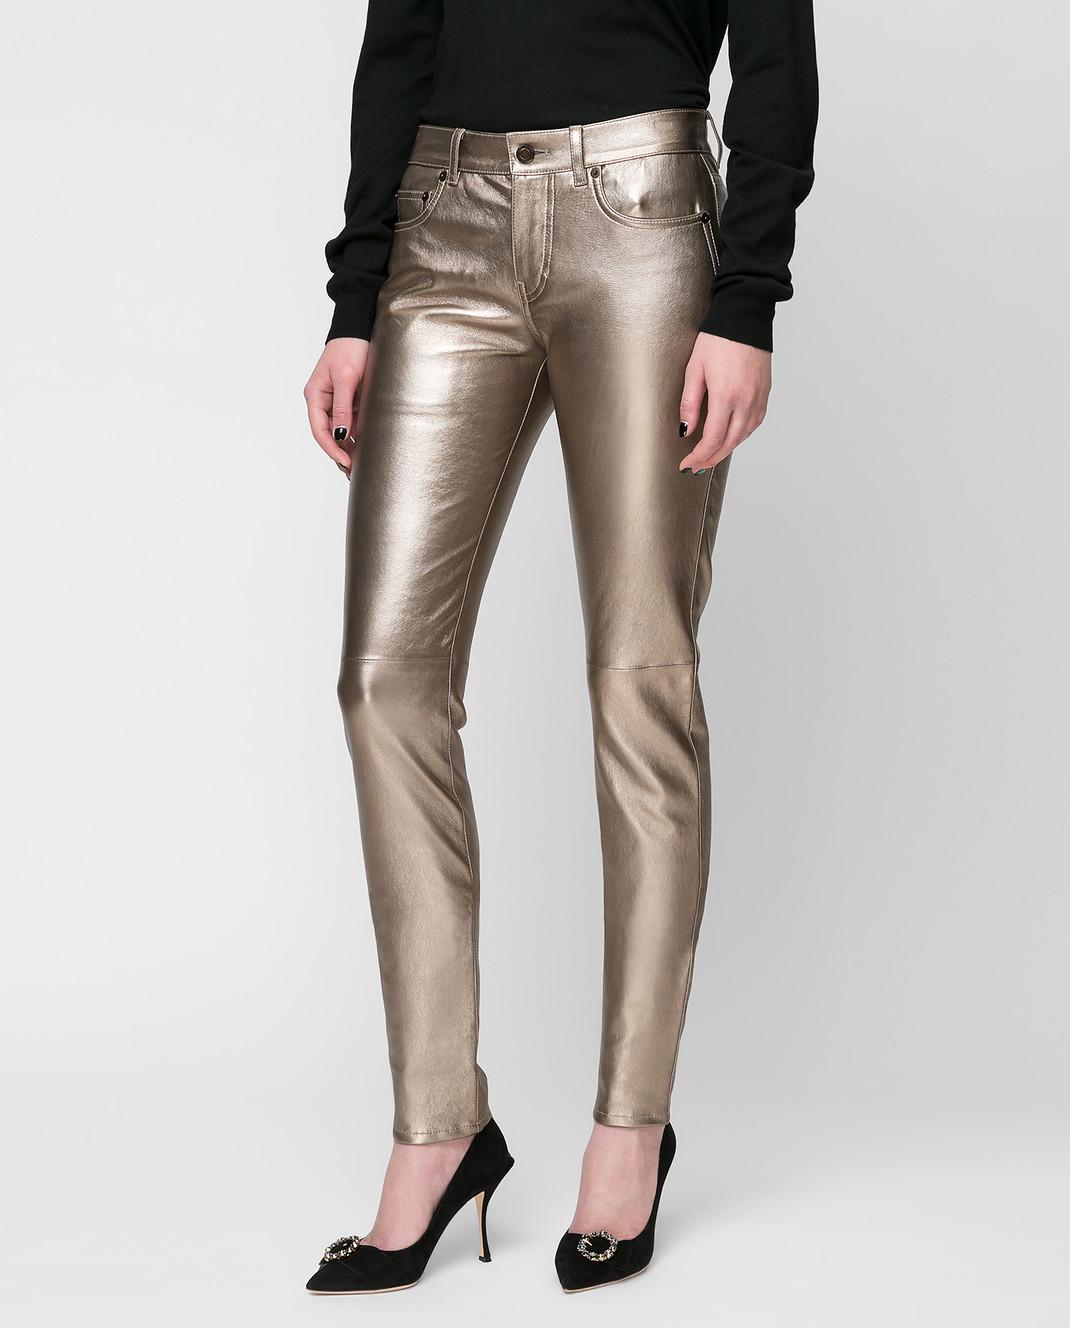 Saint Laurent Золотистые брюки изображение 3